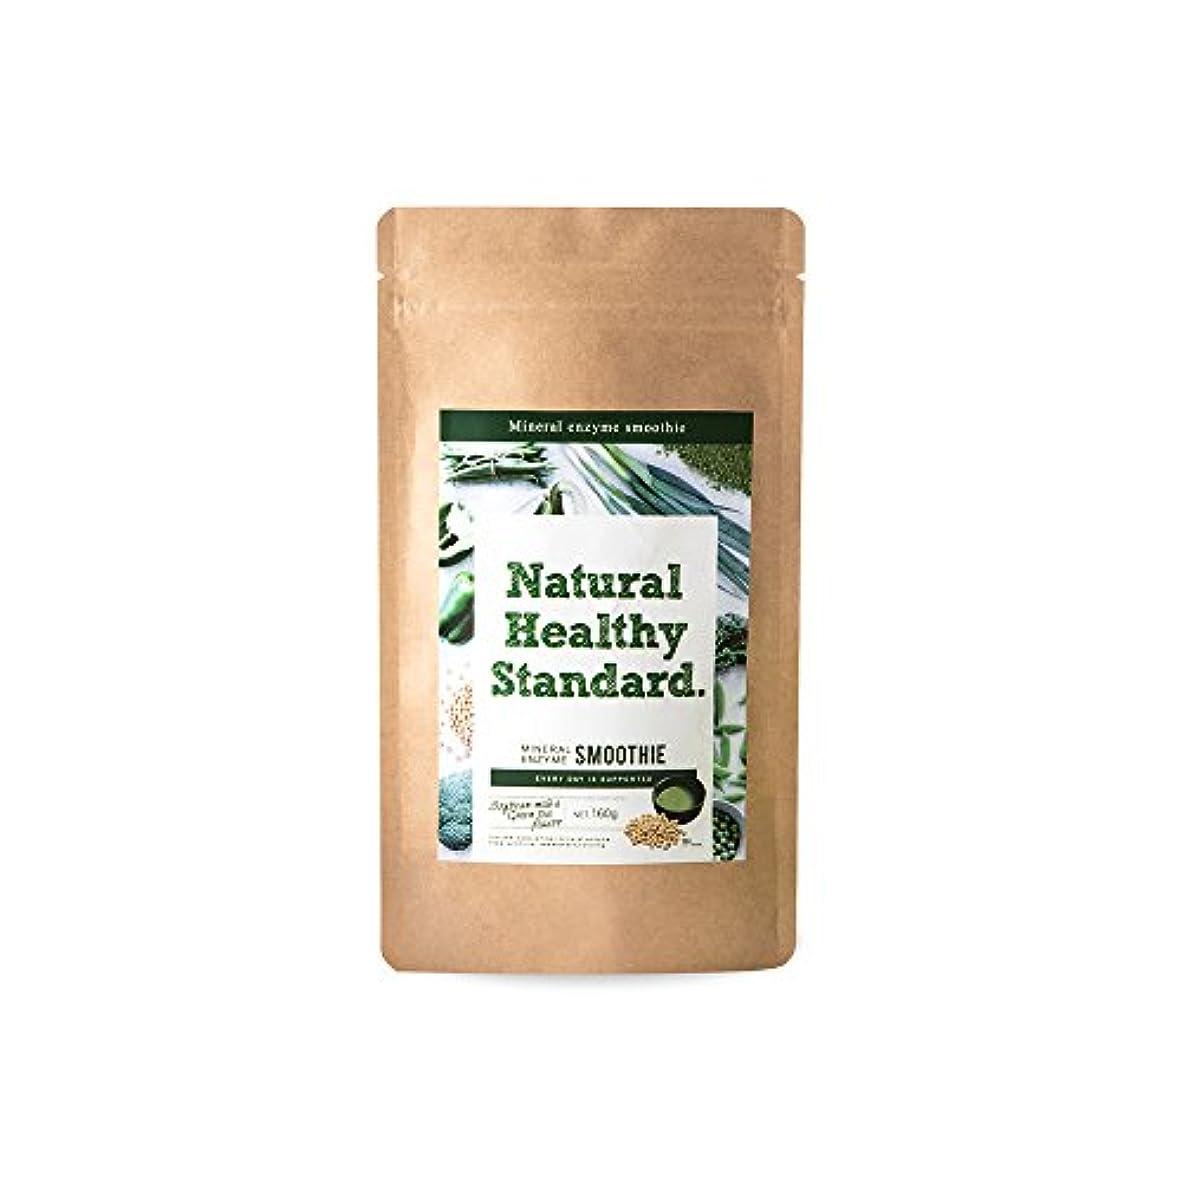 マークダウンボックス本体NaturalHealthyStandard(ナチュラルヘルシースタンダード) ミネラル酵素グリーンスムージー 豆乳抹茶味 160g